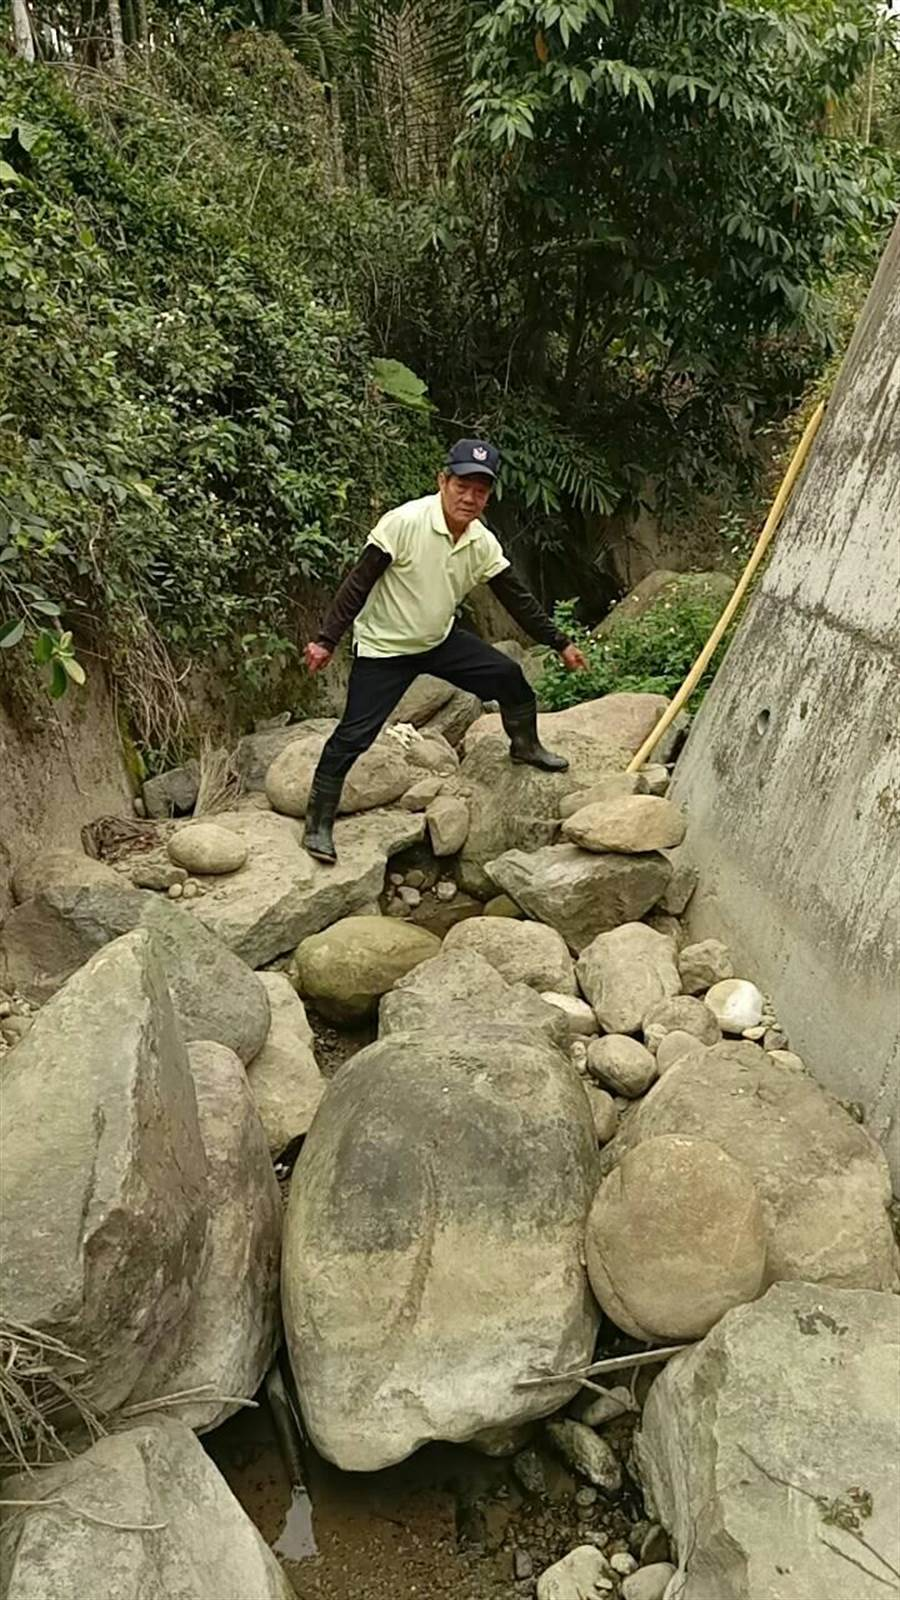 古坑鄉山區受旱災衝擊嚴重,華南村民往山下溪邊找水,每次抽一小時停機一小時。(劉清極提供)